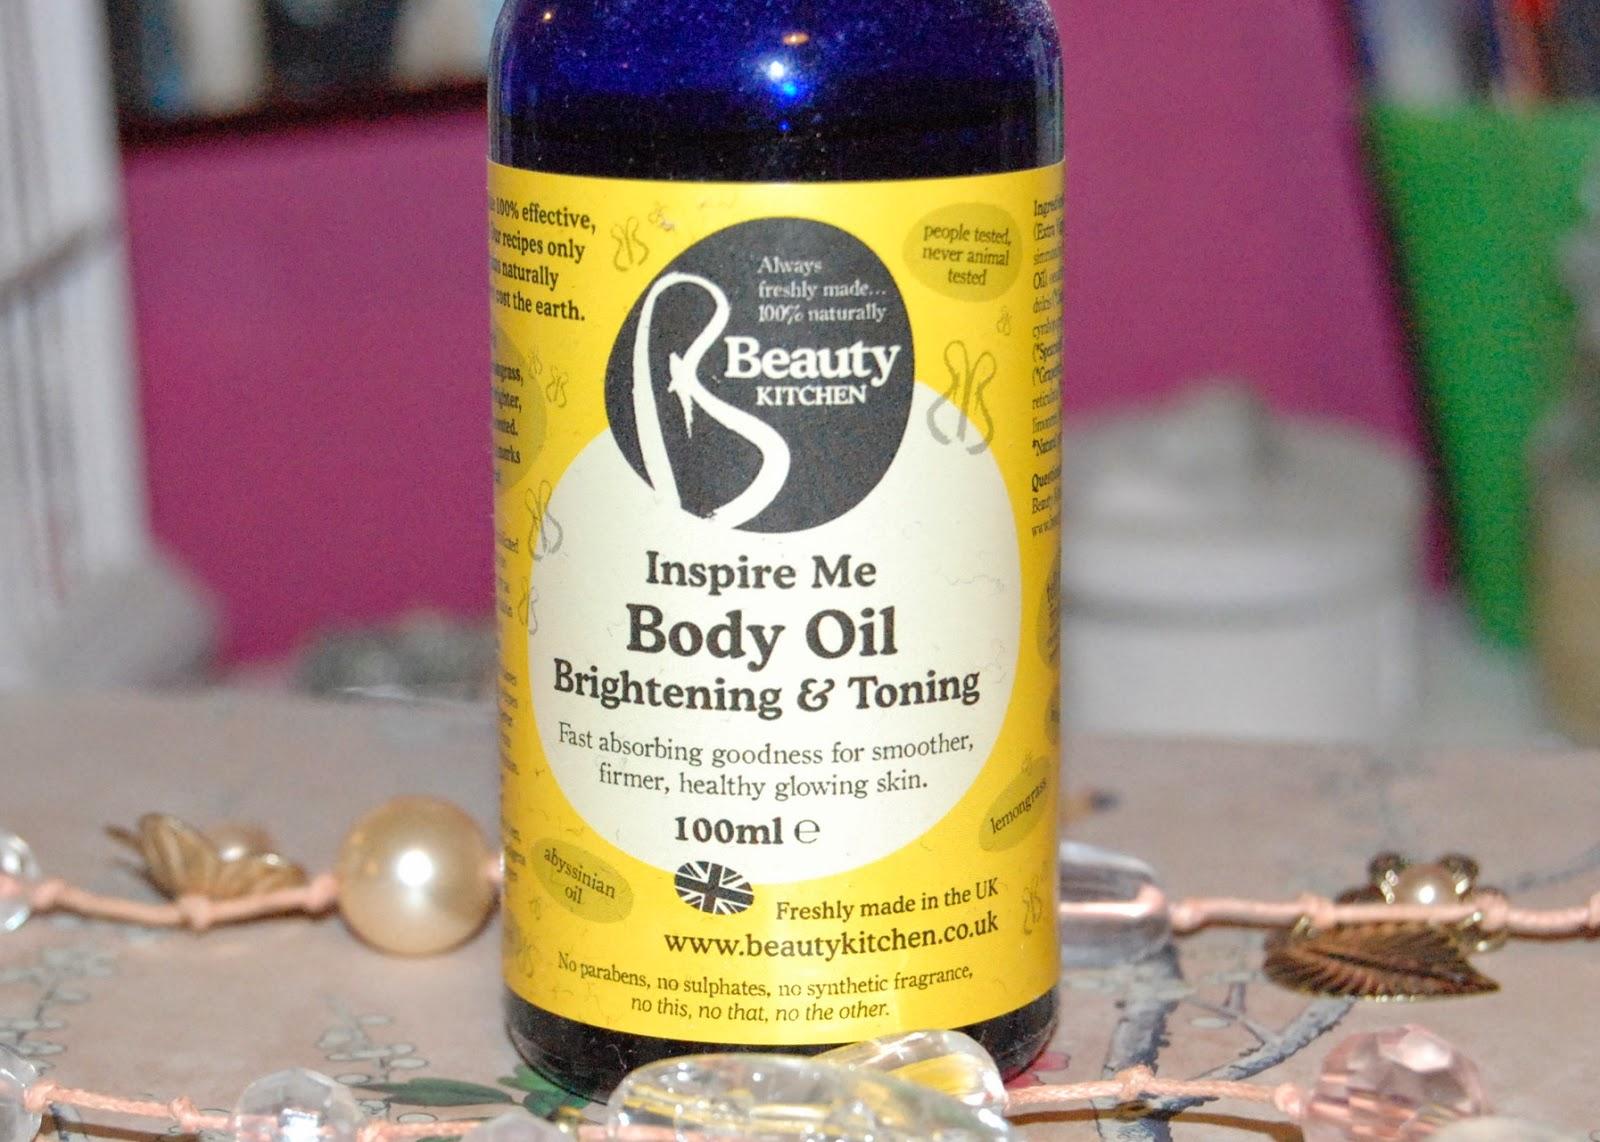 Beauty Kitchen Body Oil